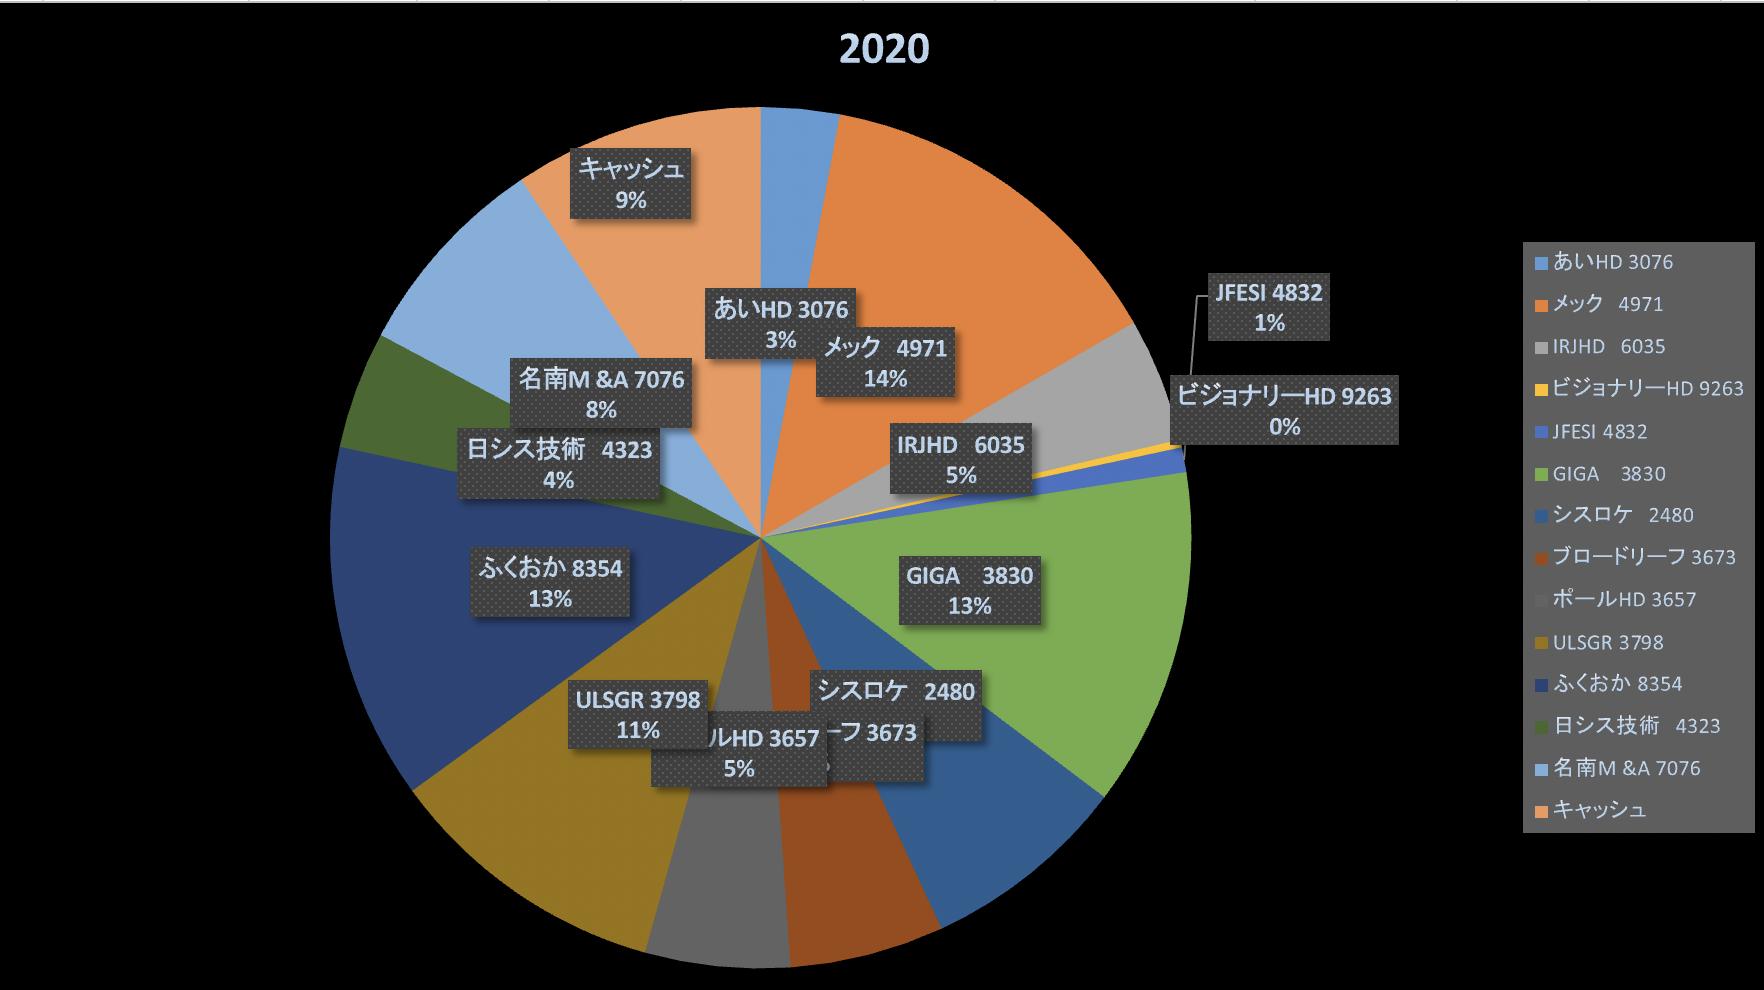 バイバイUNIQLO(株式投資成績報告2020/12/5)